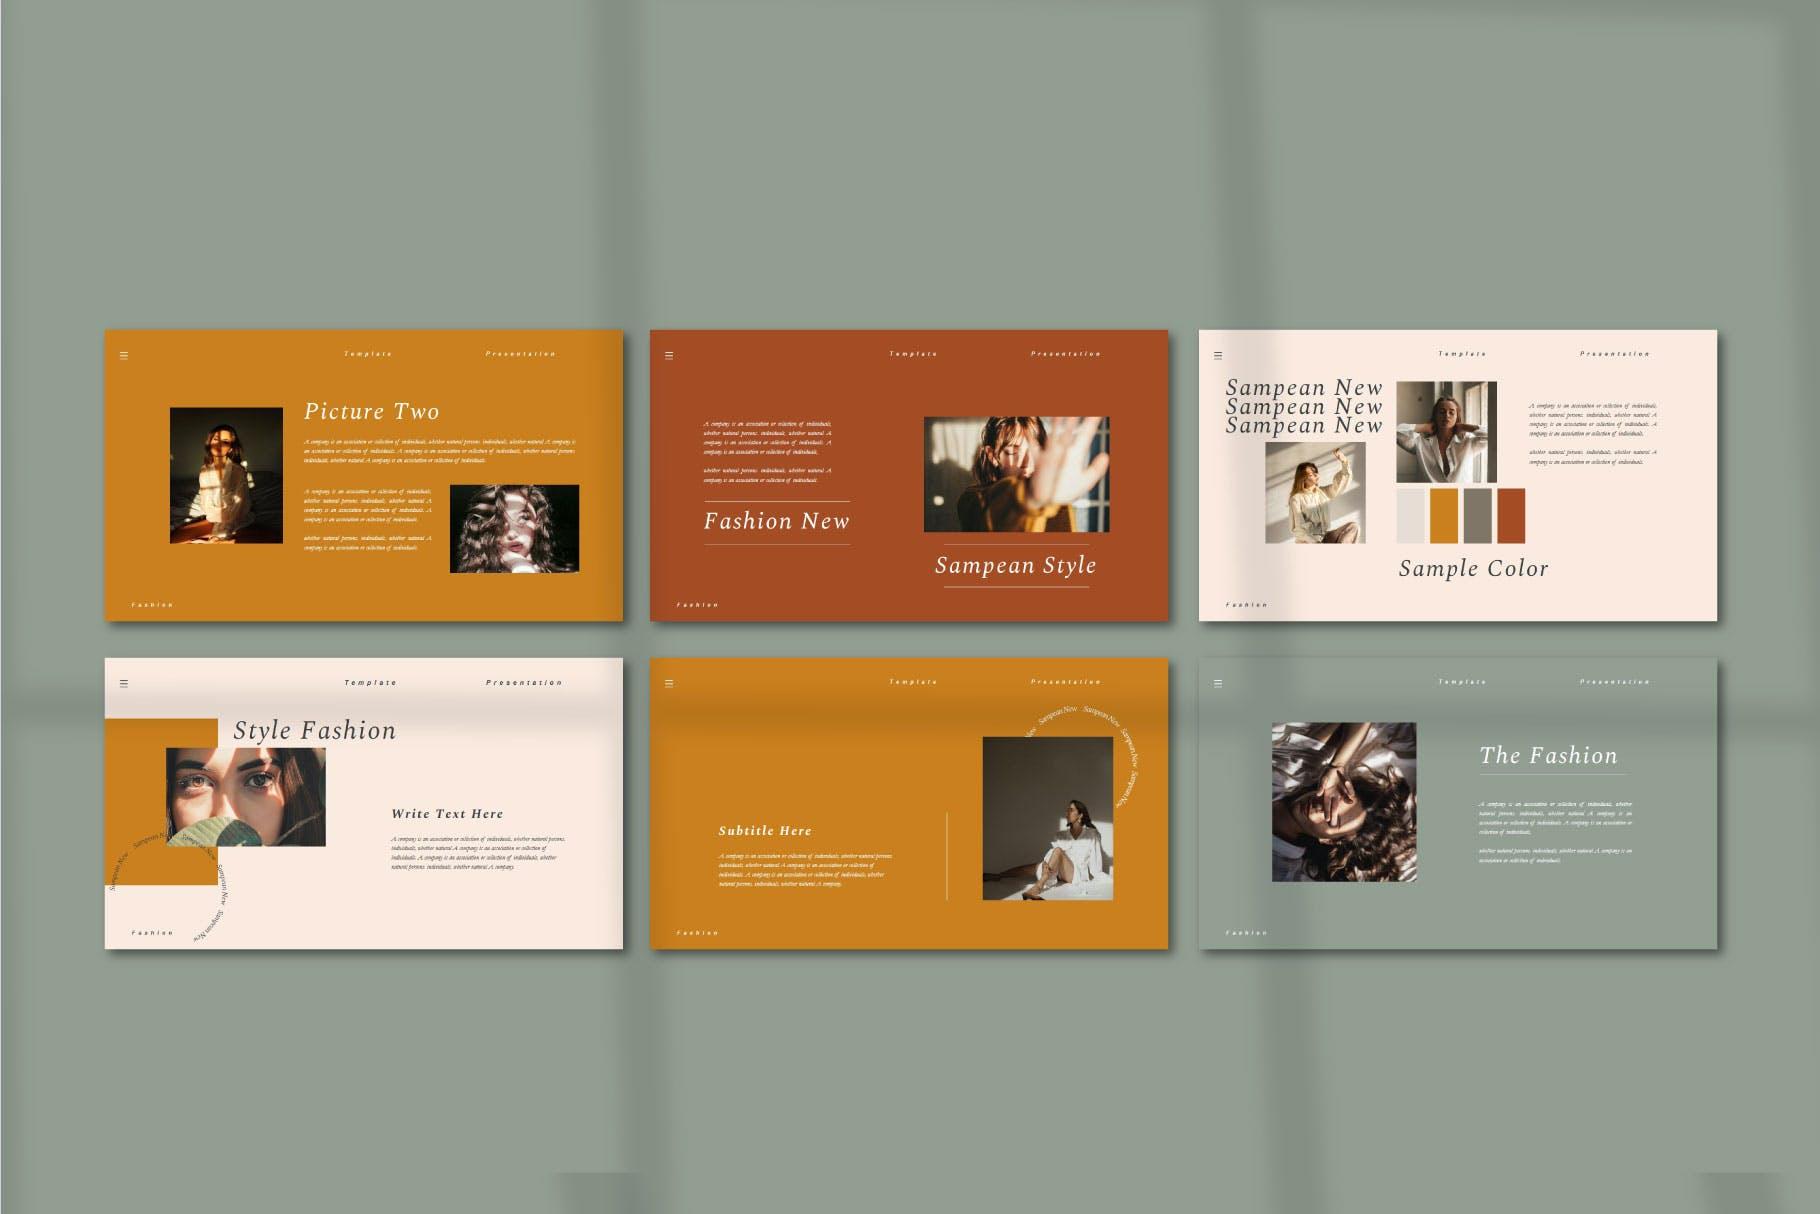 品牌指南新品服装Powerpoint模板 Sampean – Powerpoint template设计素材模板